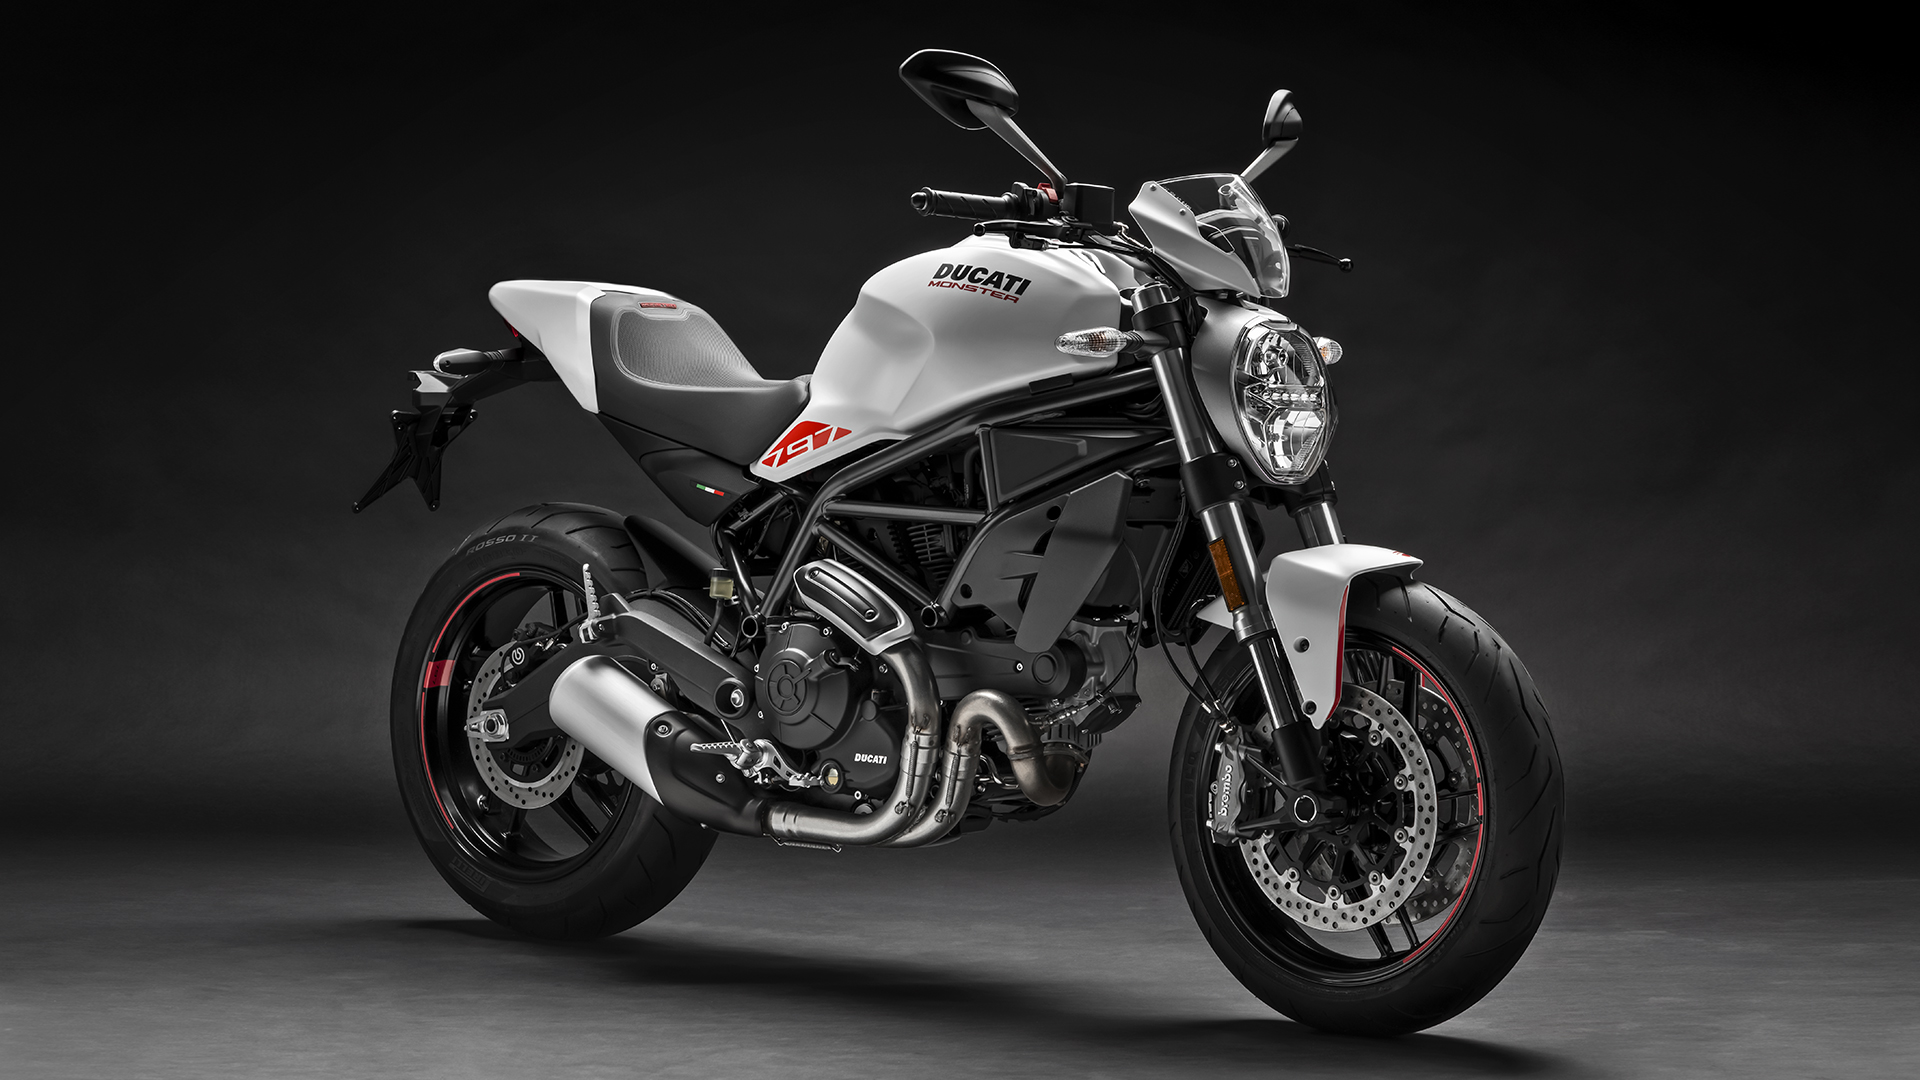 2020 Ducati Monster 797